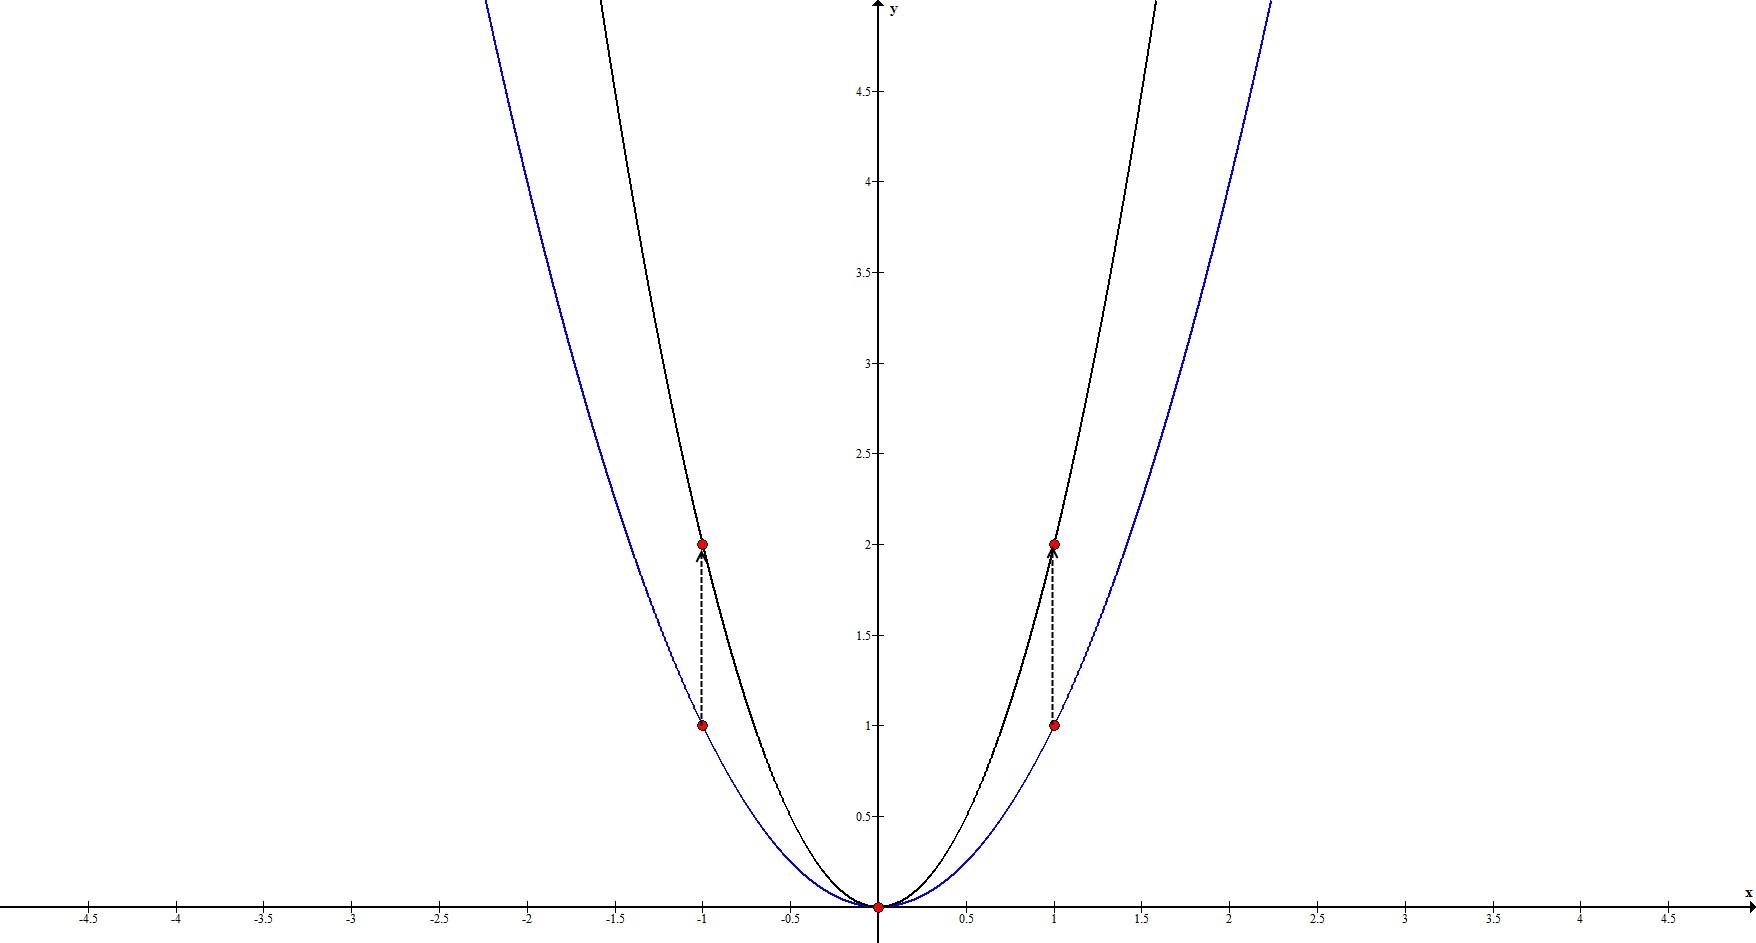 Геометрические преобразования. Растяжение по Оy. Пример 1.